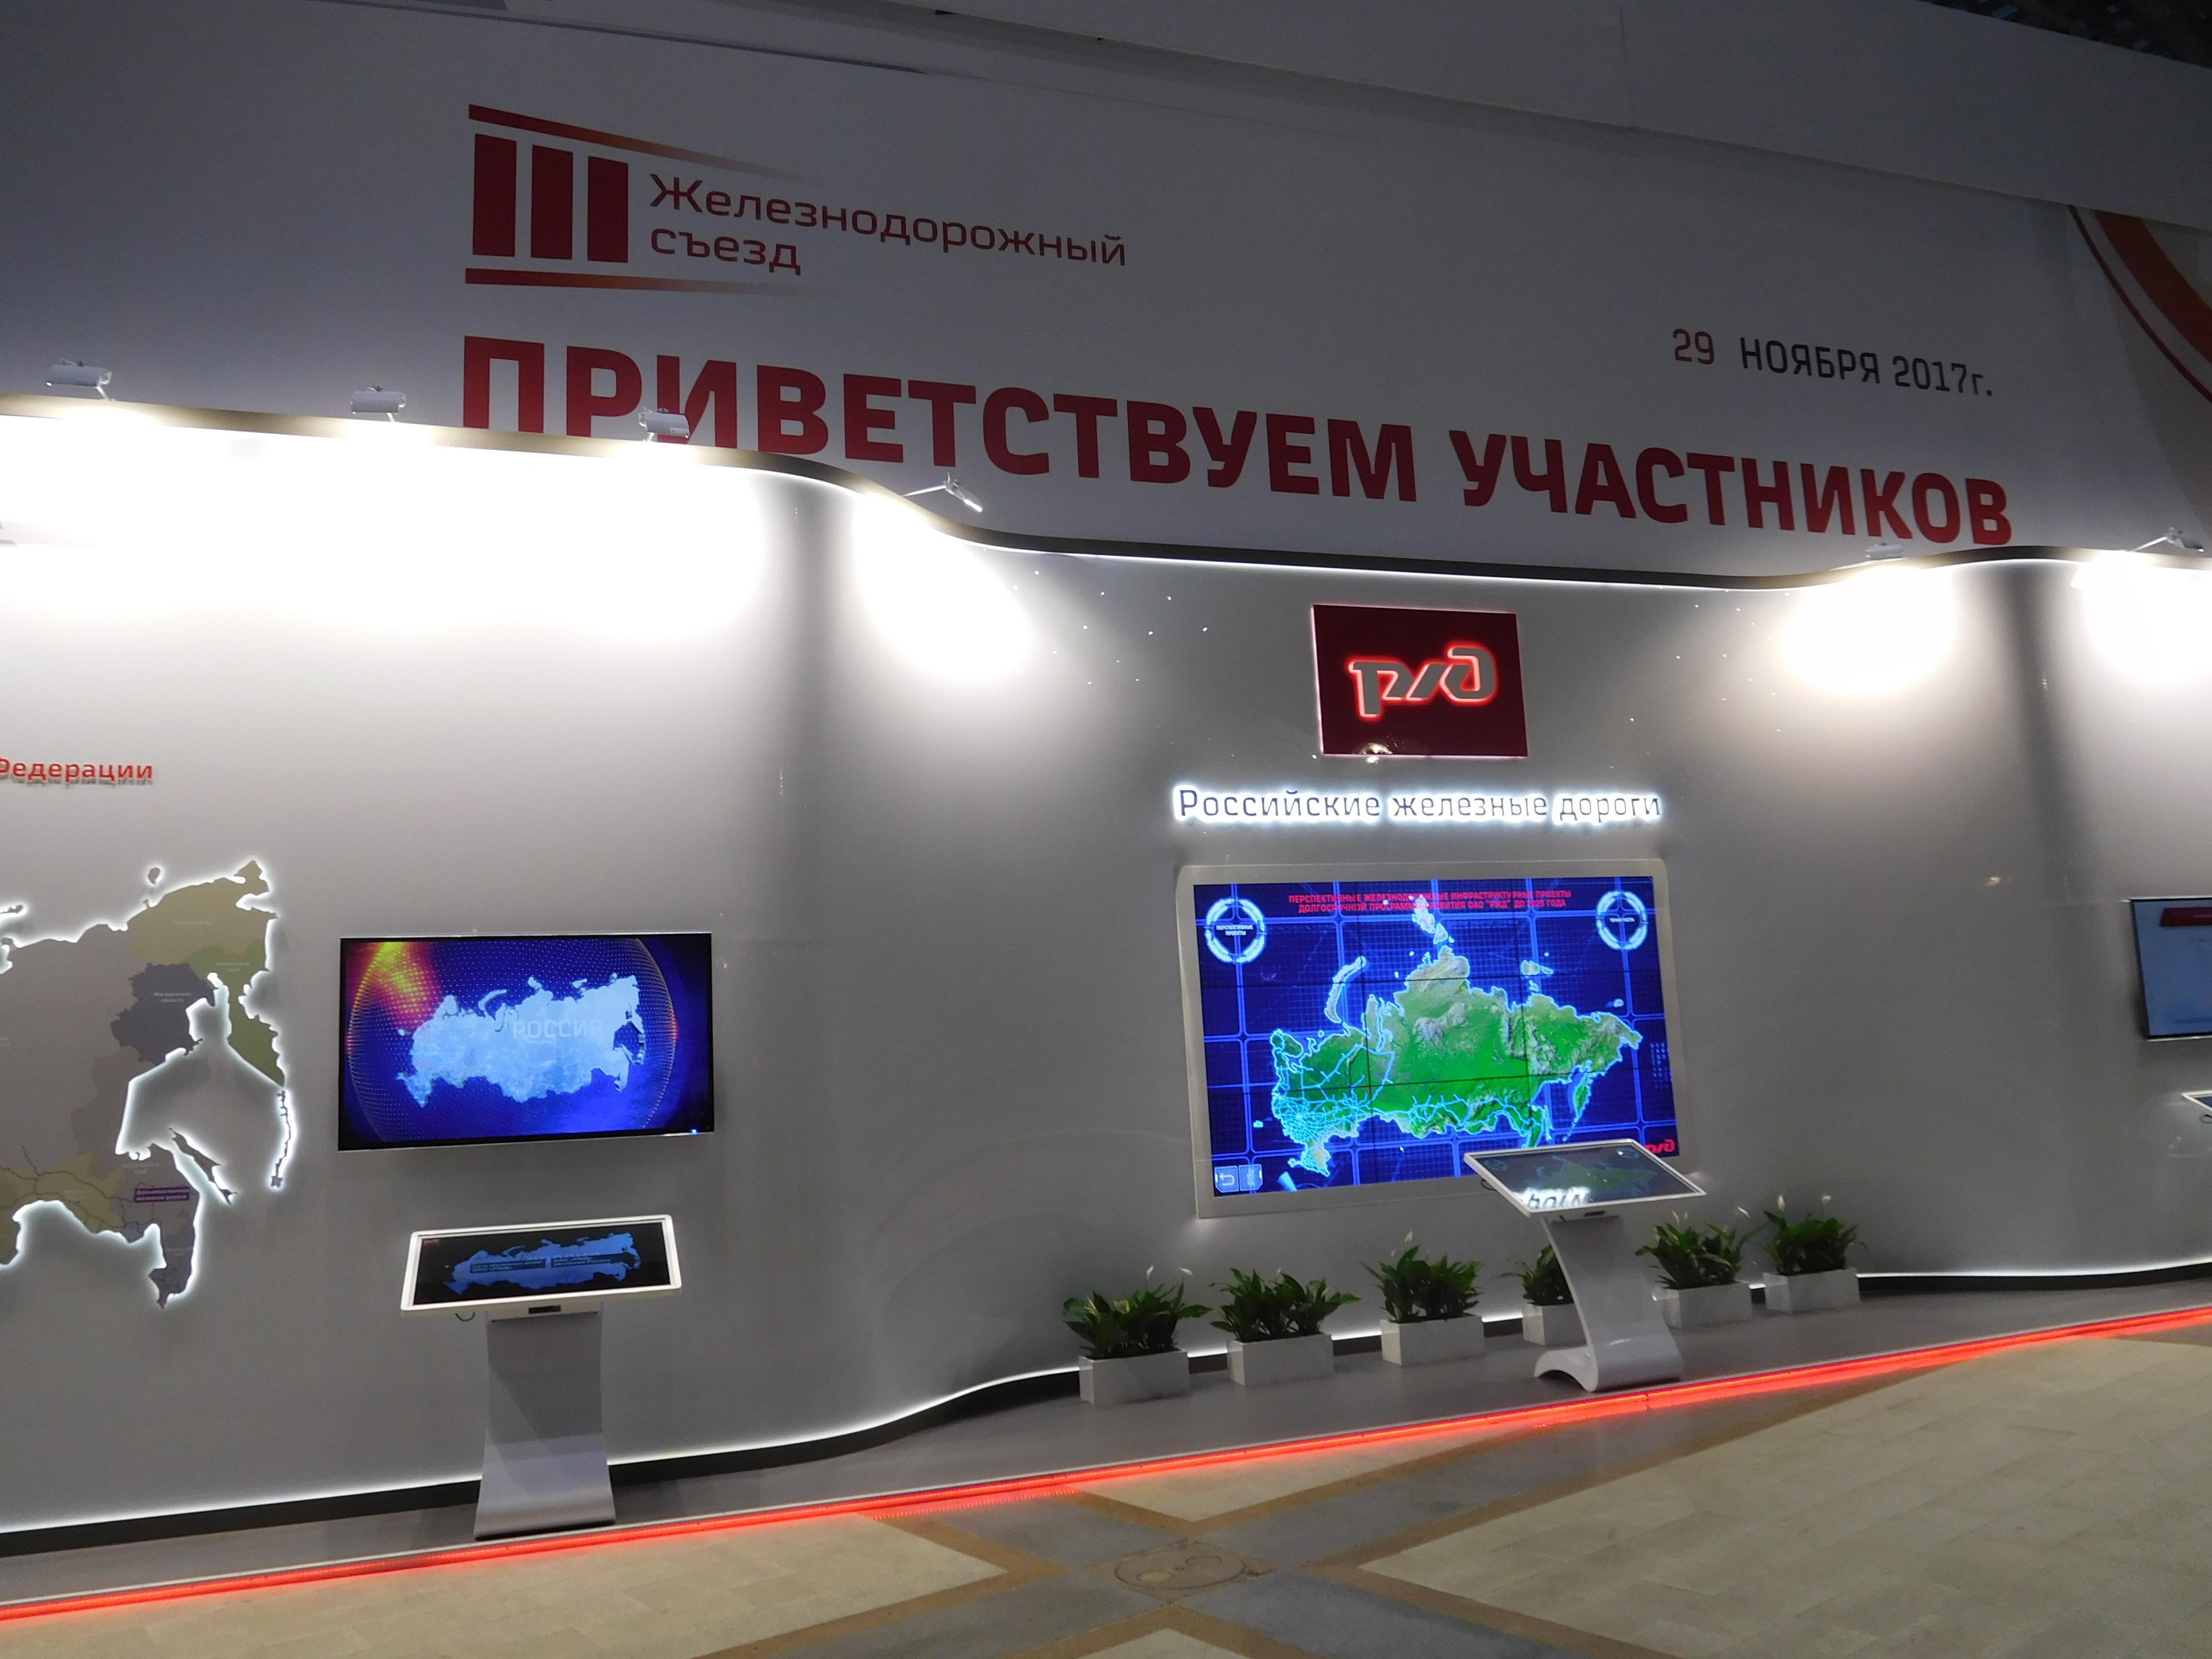 стоимость домашней компримированной станции в россии